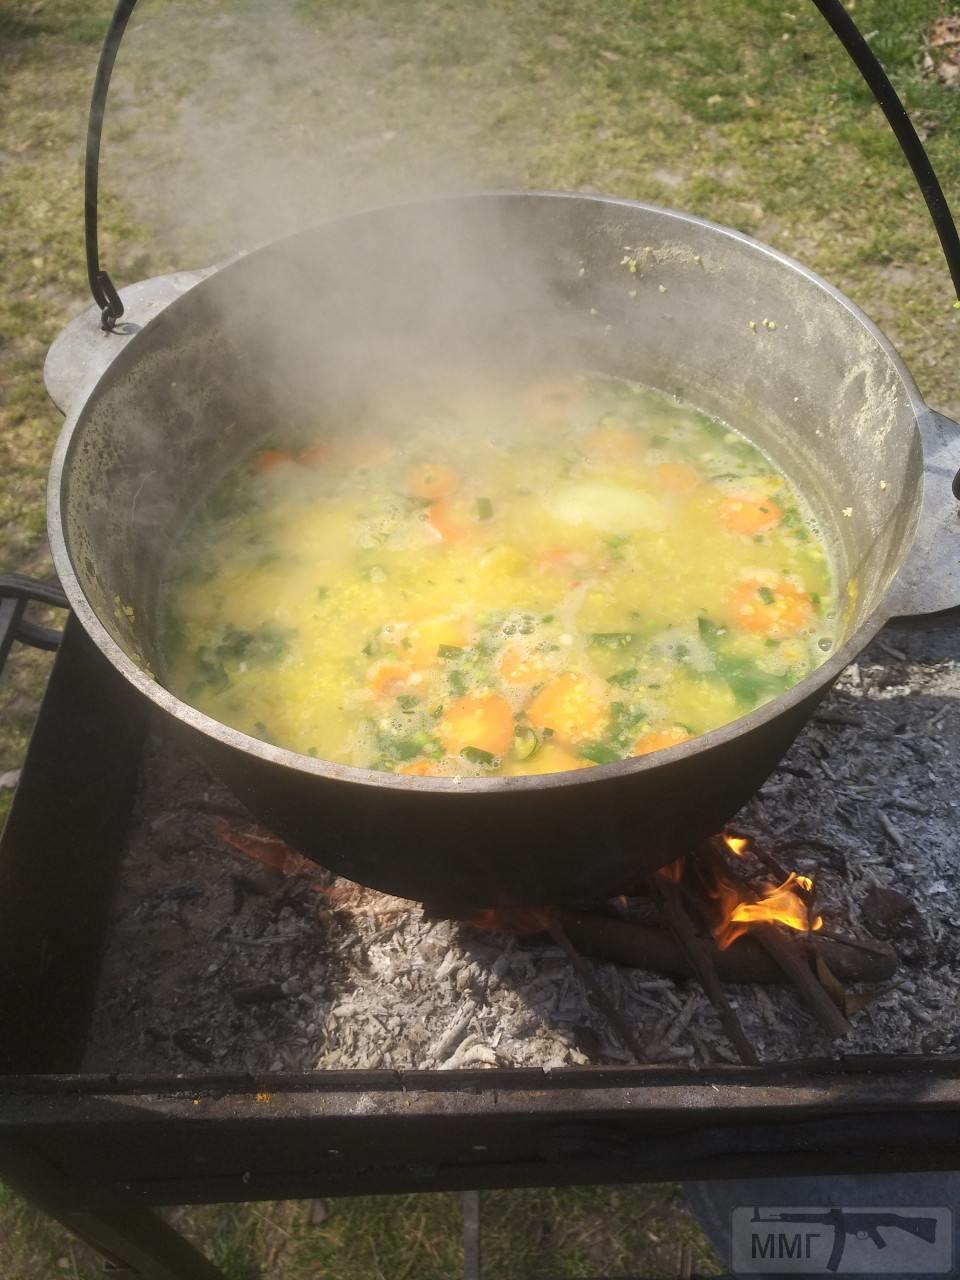 99121 - Закуски на огне (мангал, барбекю и т.д.) и кулинария вообще. Советы и рецепты.